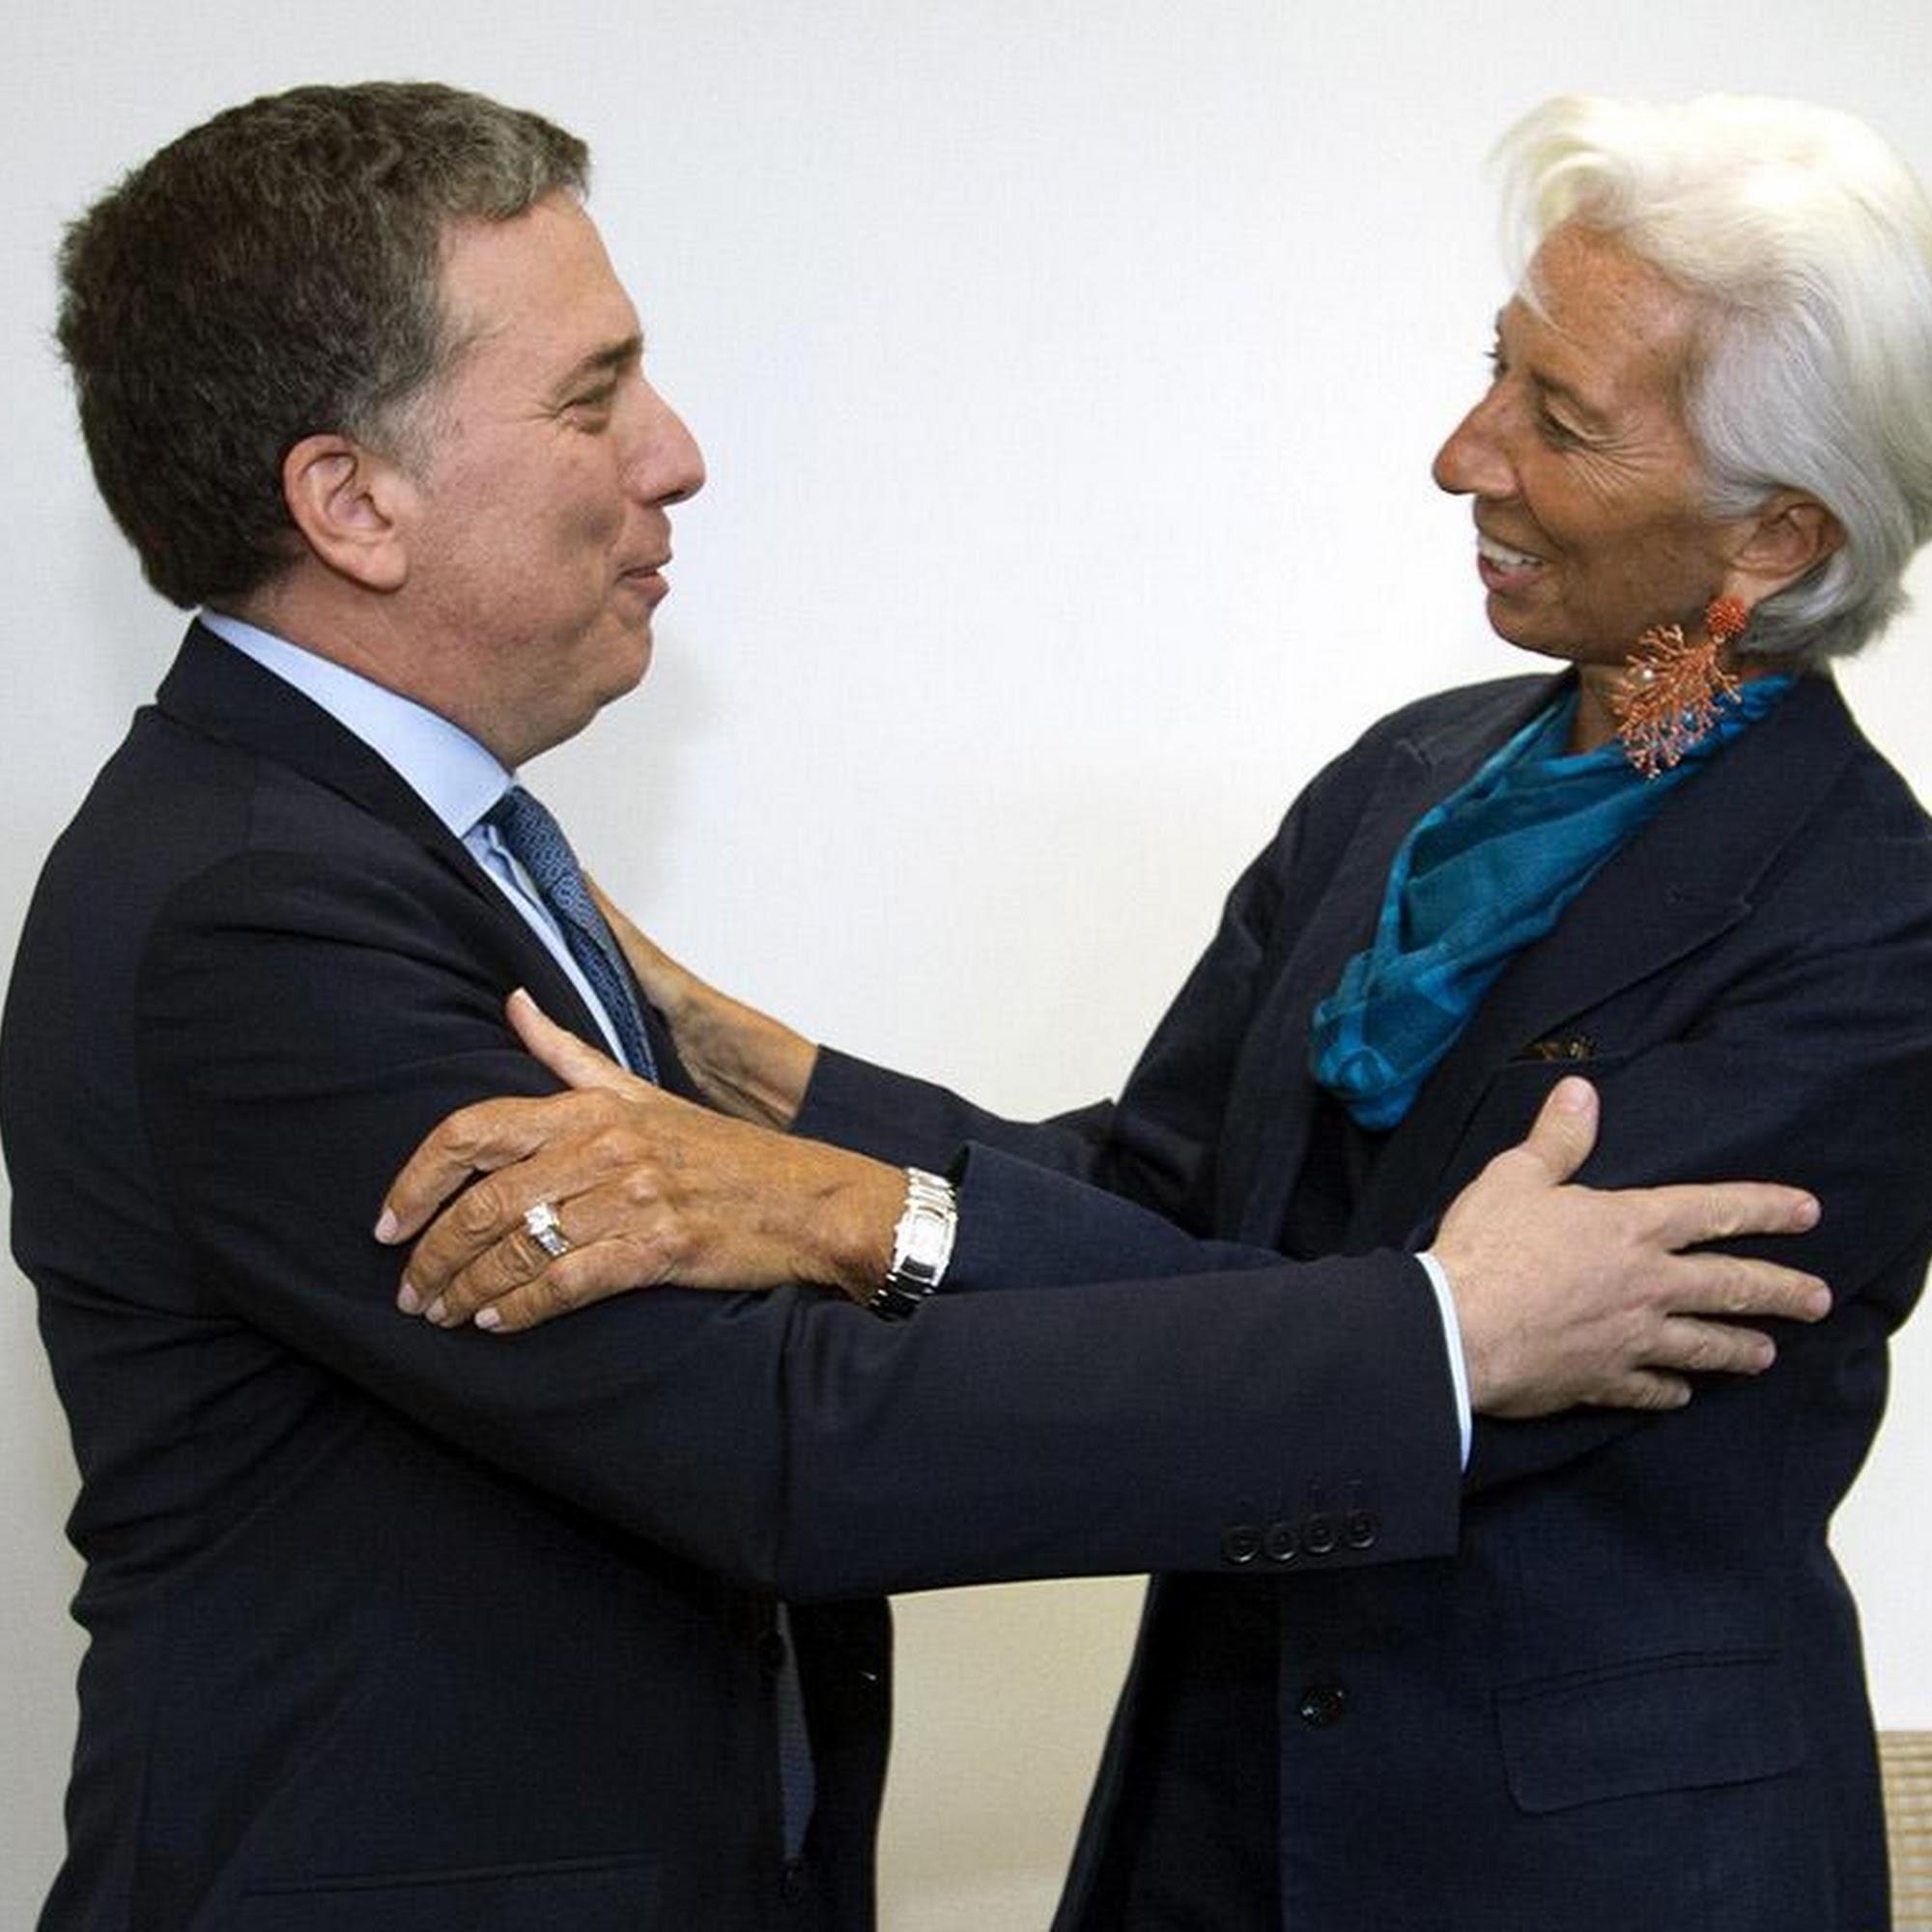 La baja de la inflación ¿ayuda o perjudica a las cuentas fiscales?